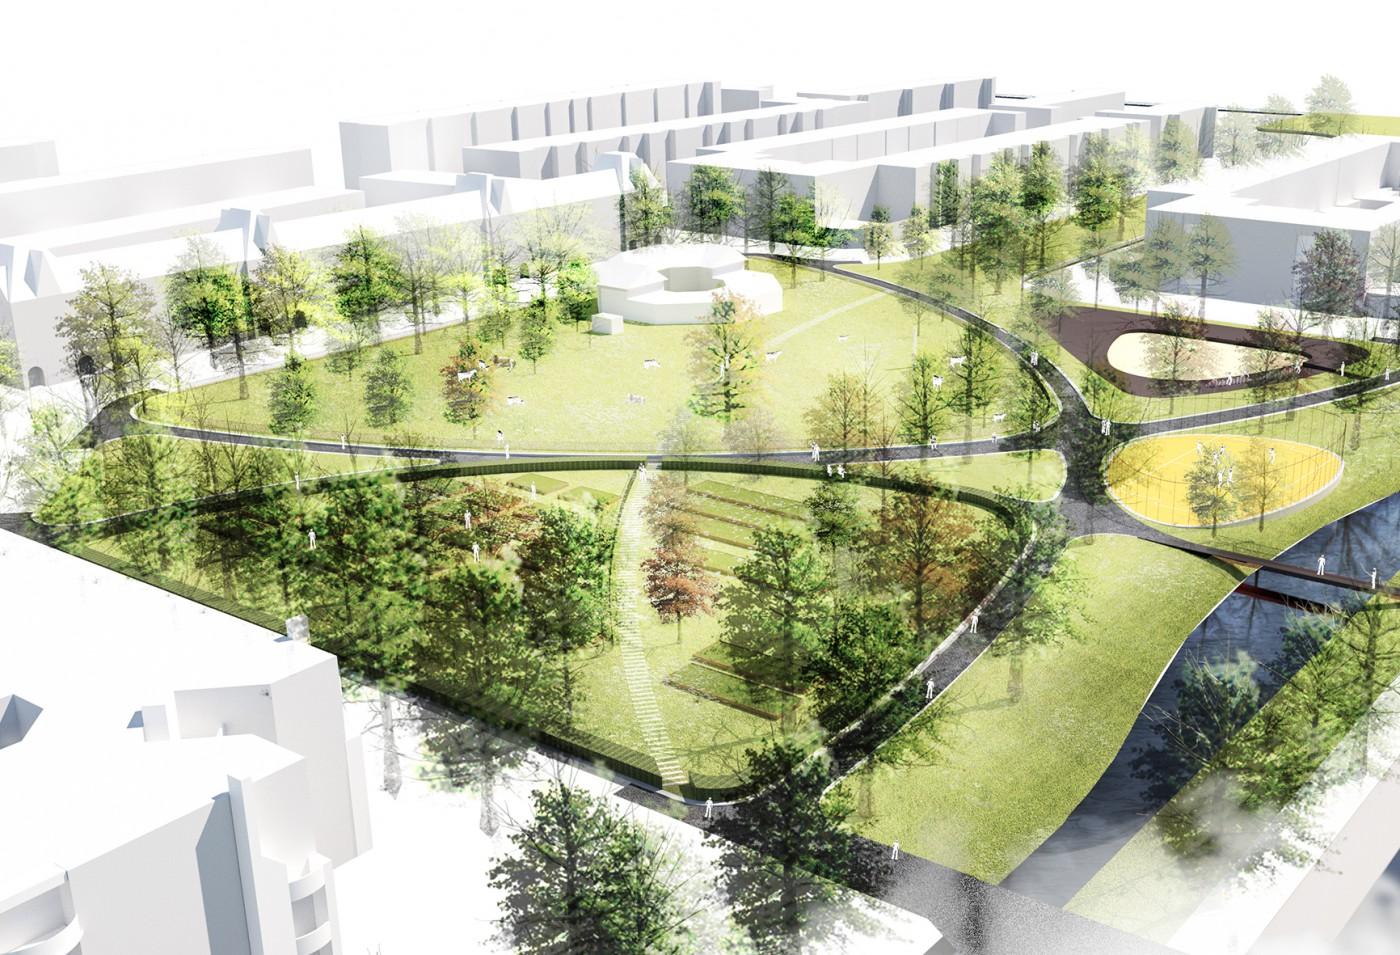 buro-sant-en-co-landschapsarchitectuur-cromvliet-den-haag-voorlopig-ontwerp-bird-eye-view